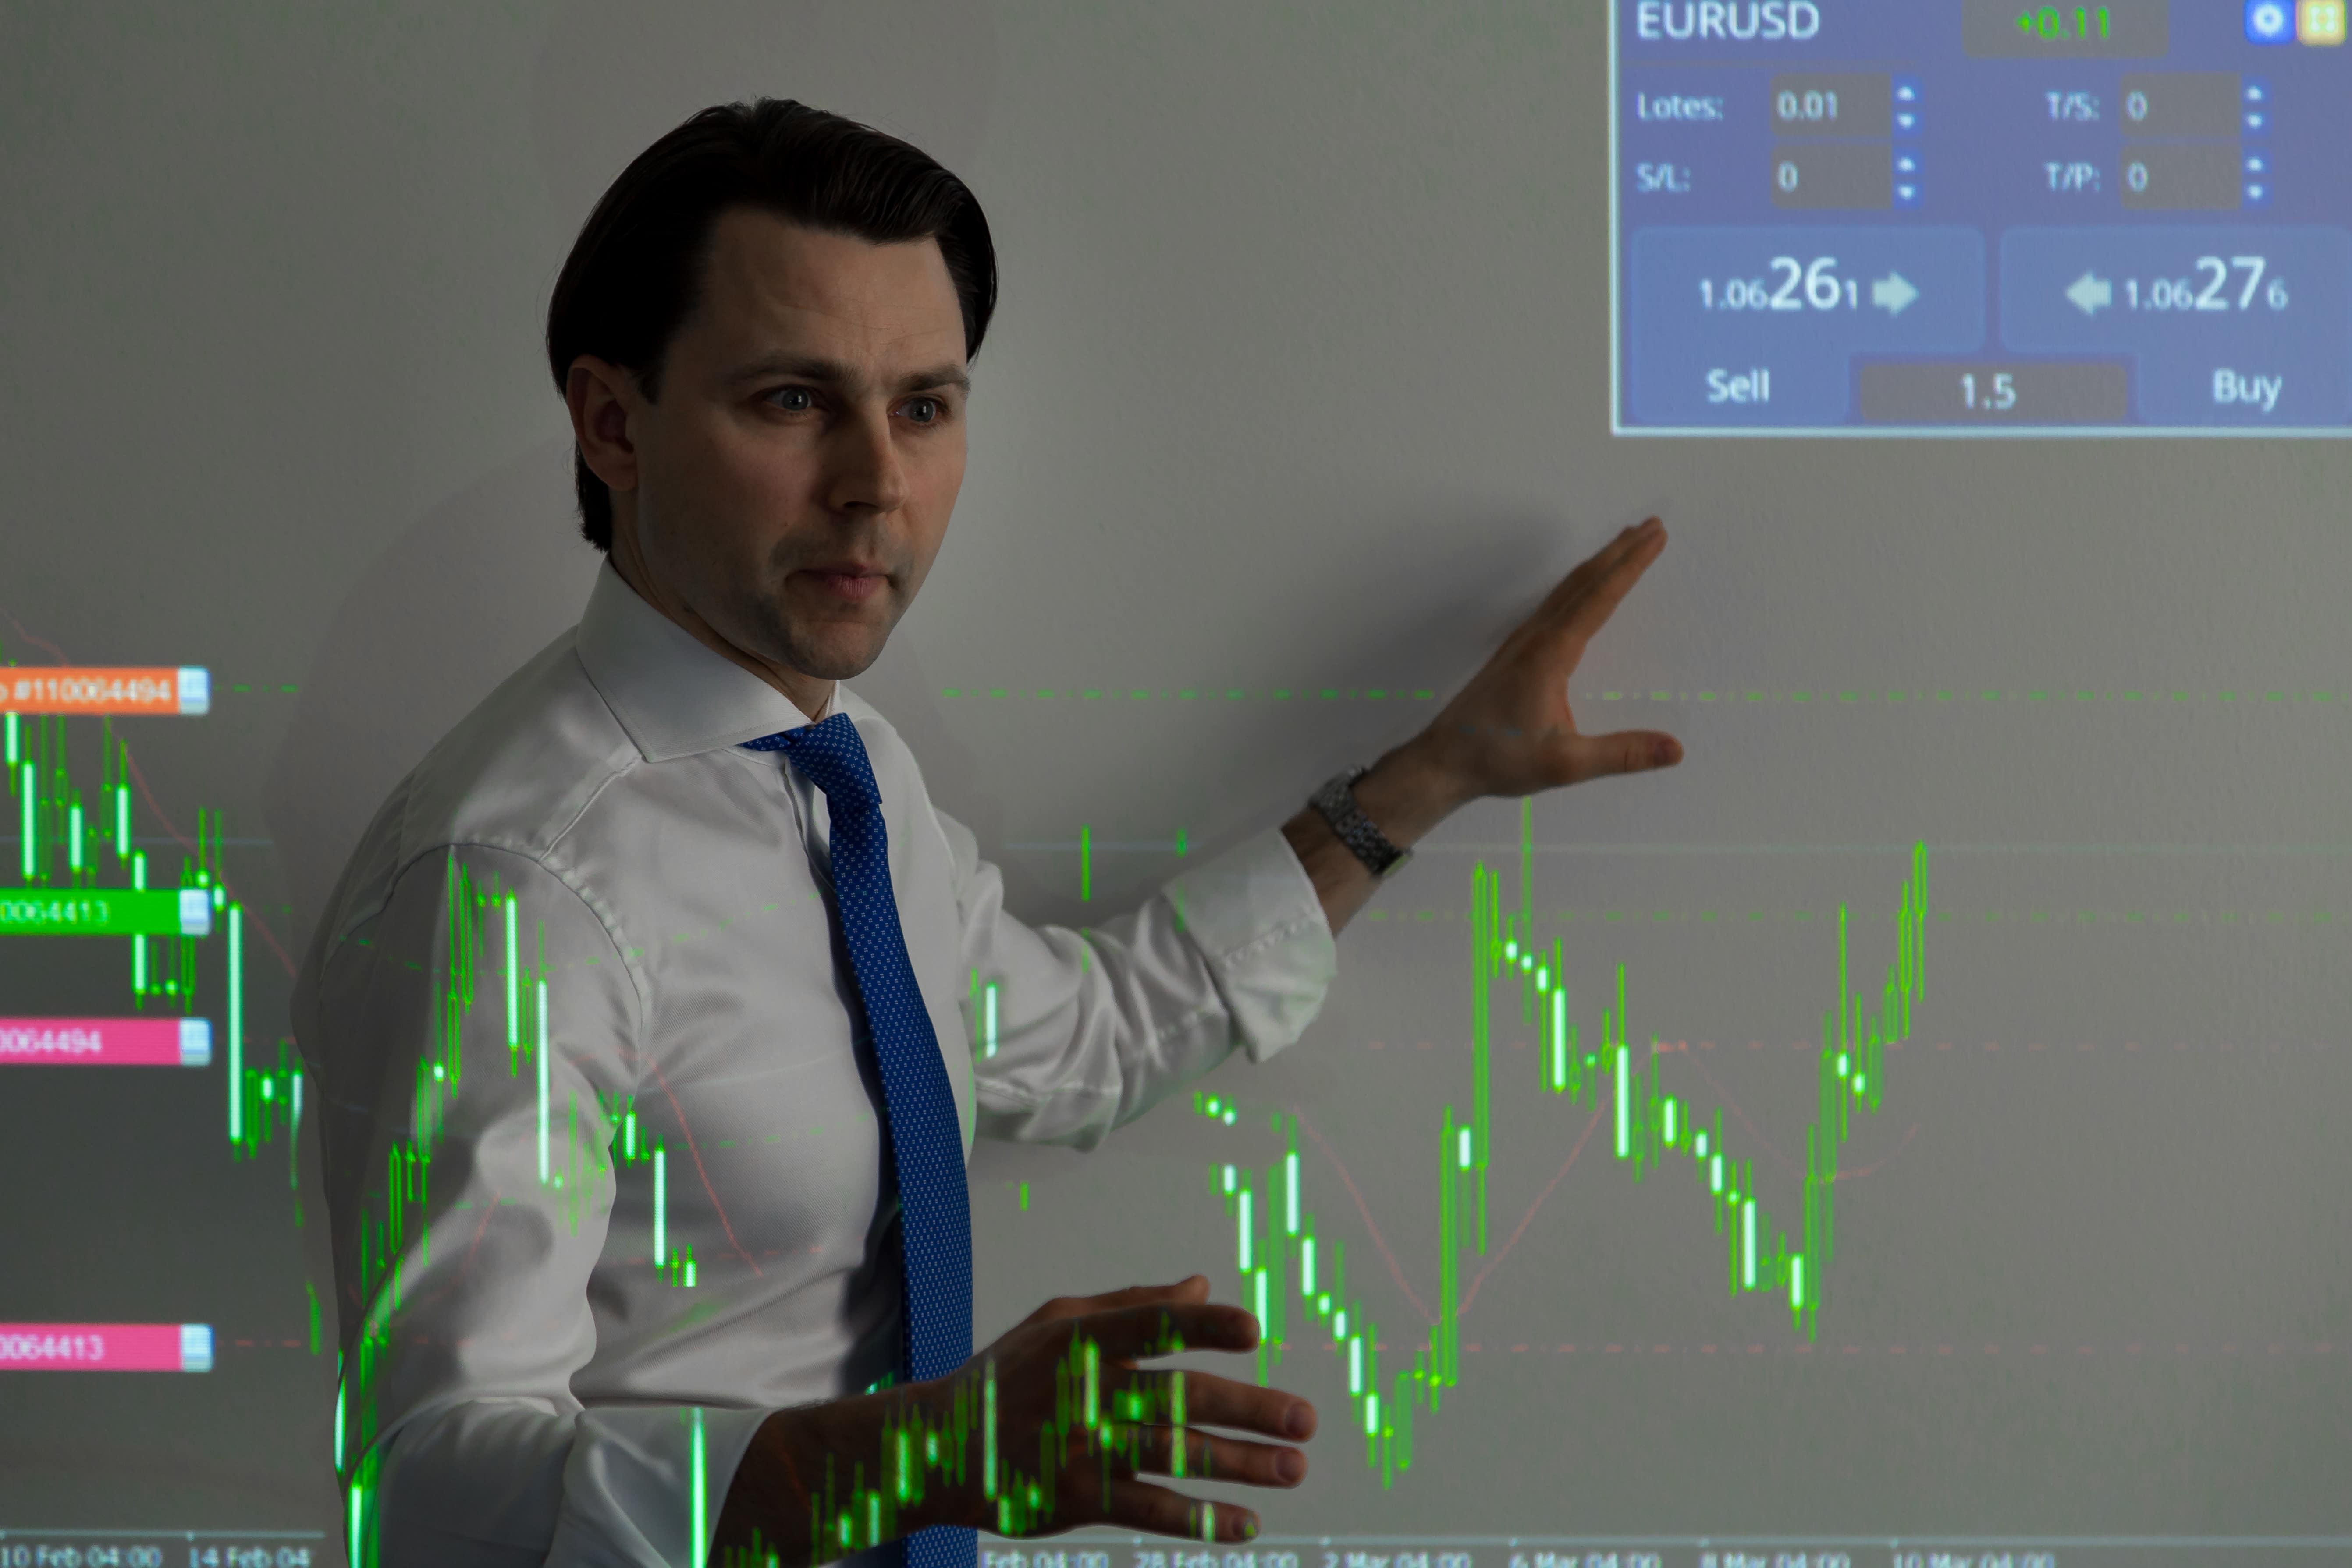 Praktinis užsiėmimas: Kaip prekiauti MT5 prekybos platformoje